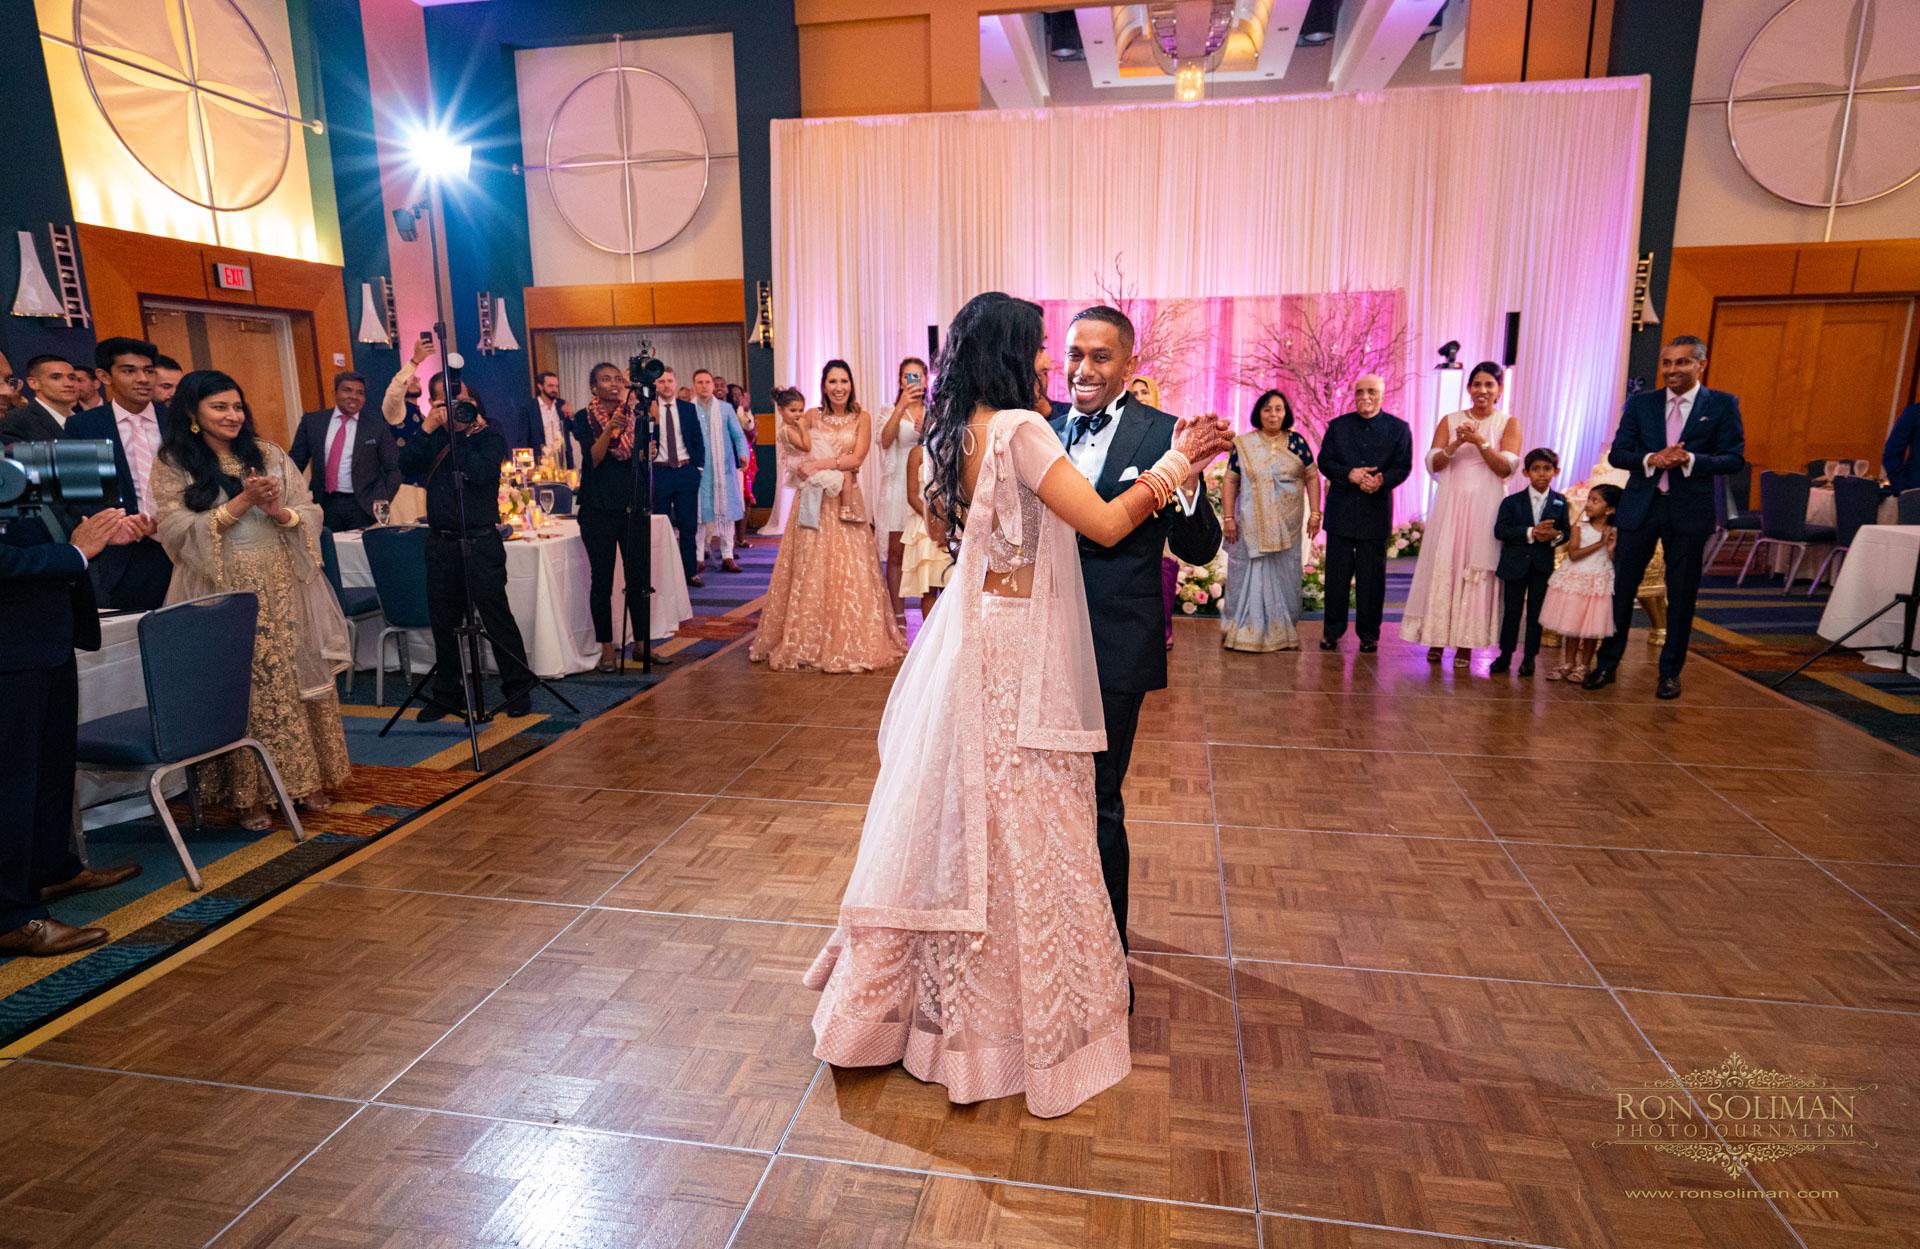 Hyatt Regency Chesapeake Bay Wedding 35